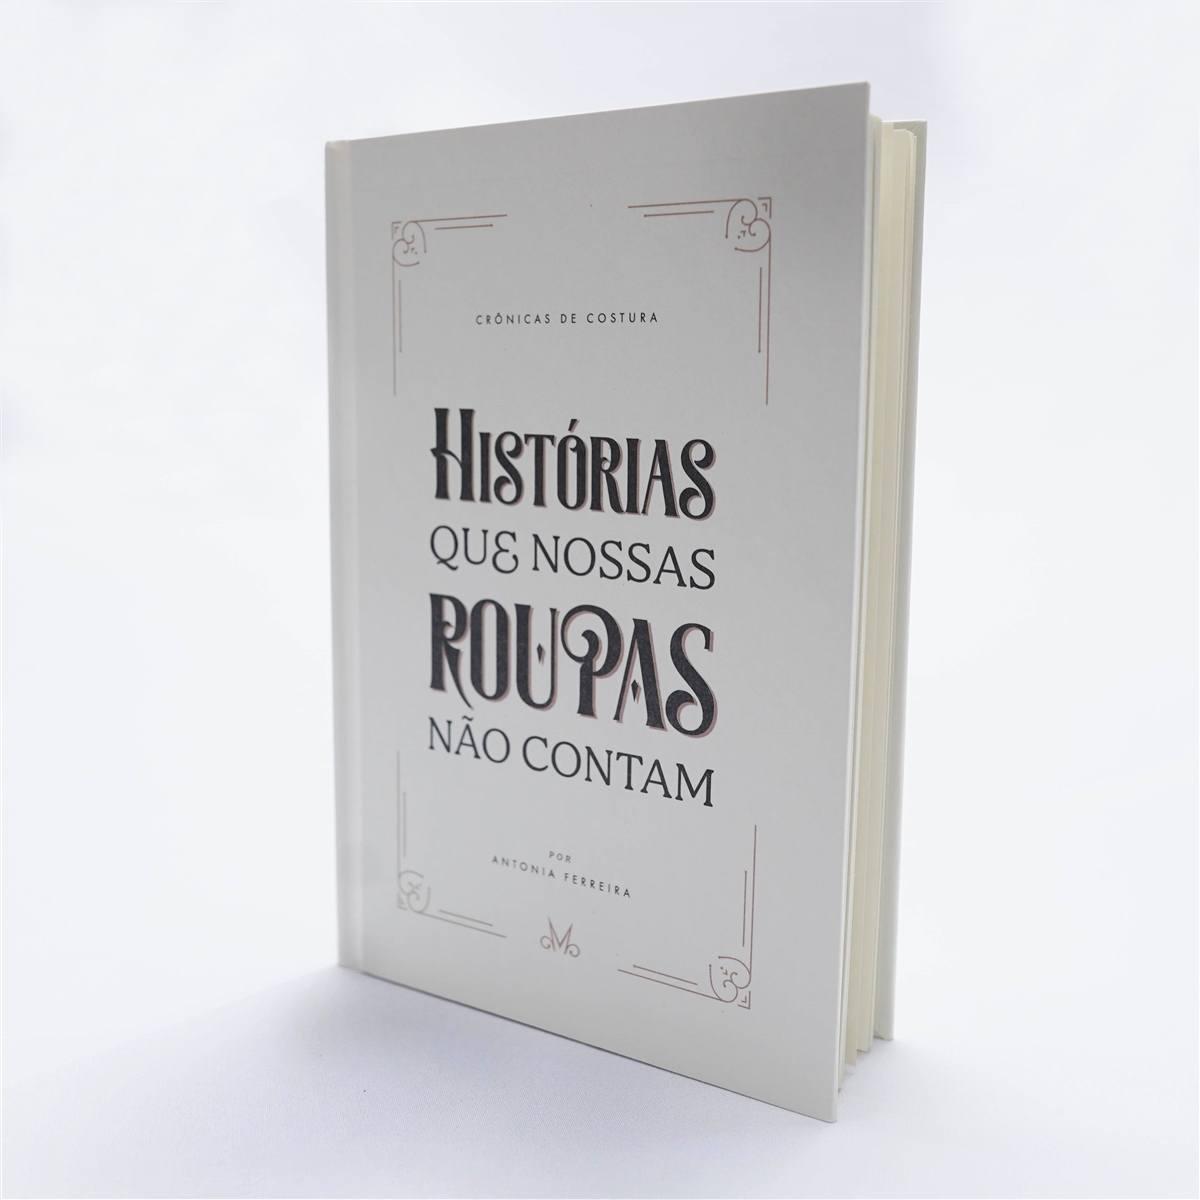 Livro crônicas de costura by Antonia Ferreira